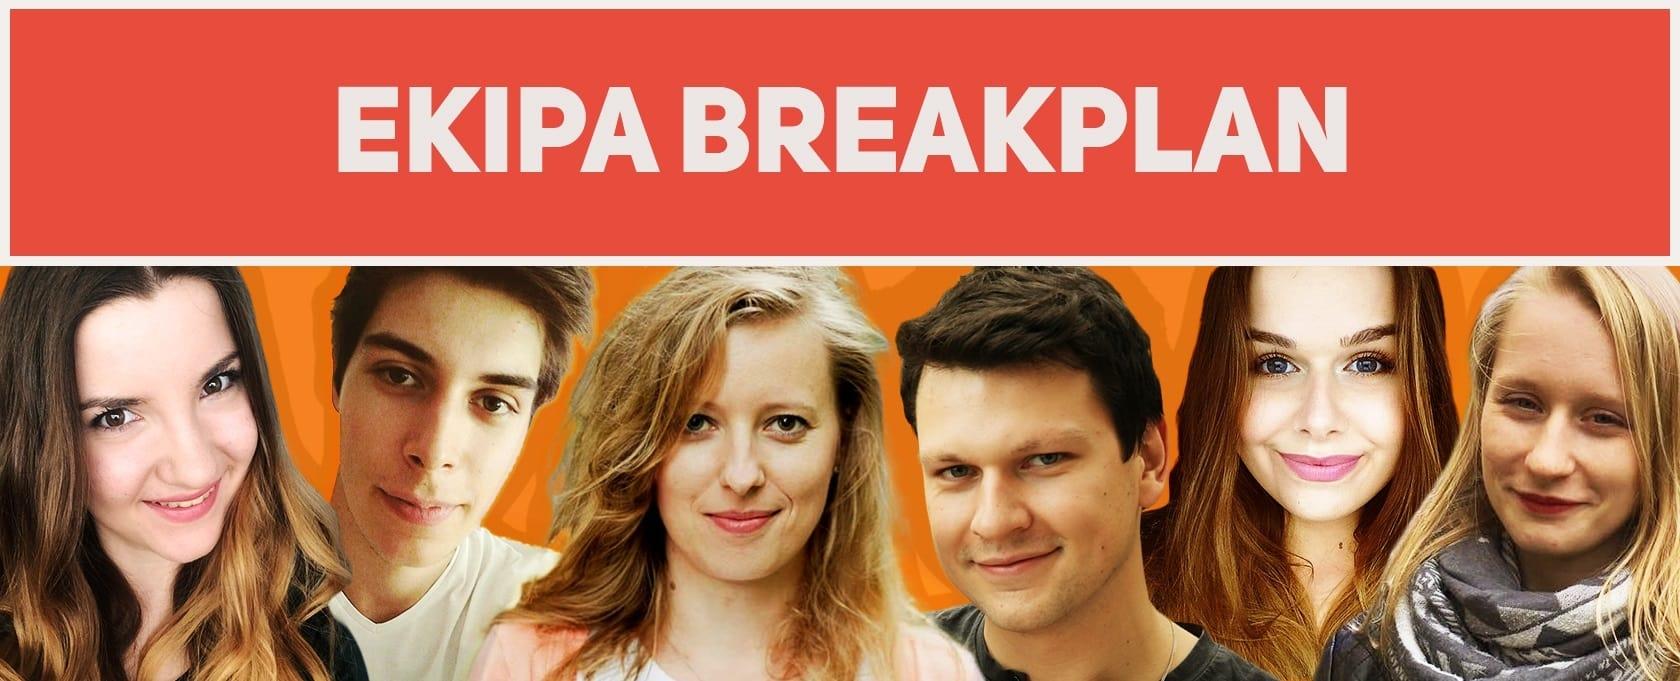 Ekipa_Breakplan